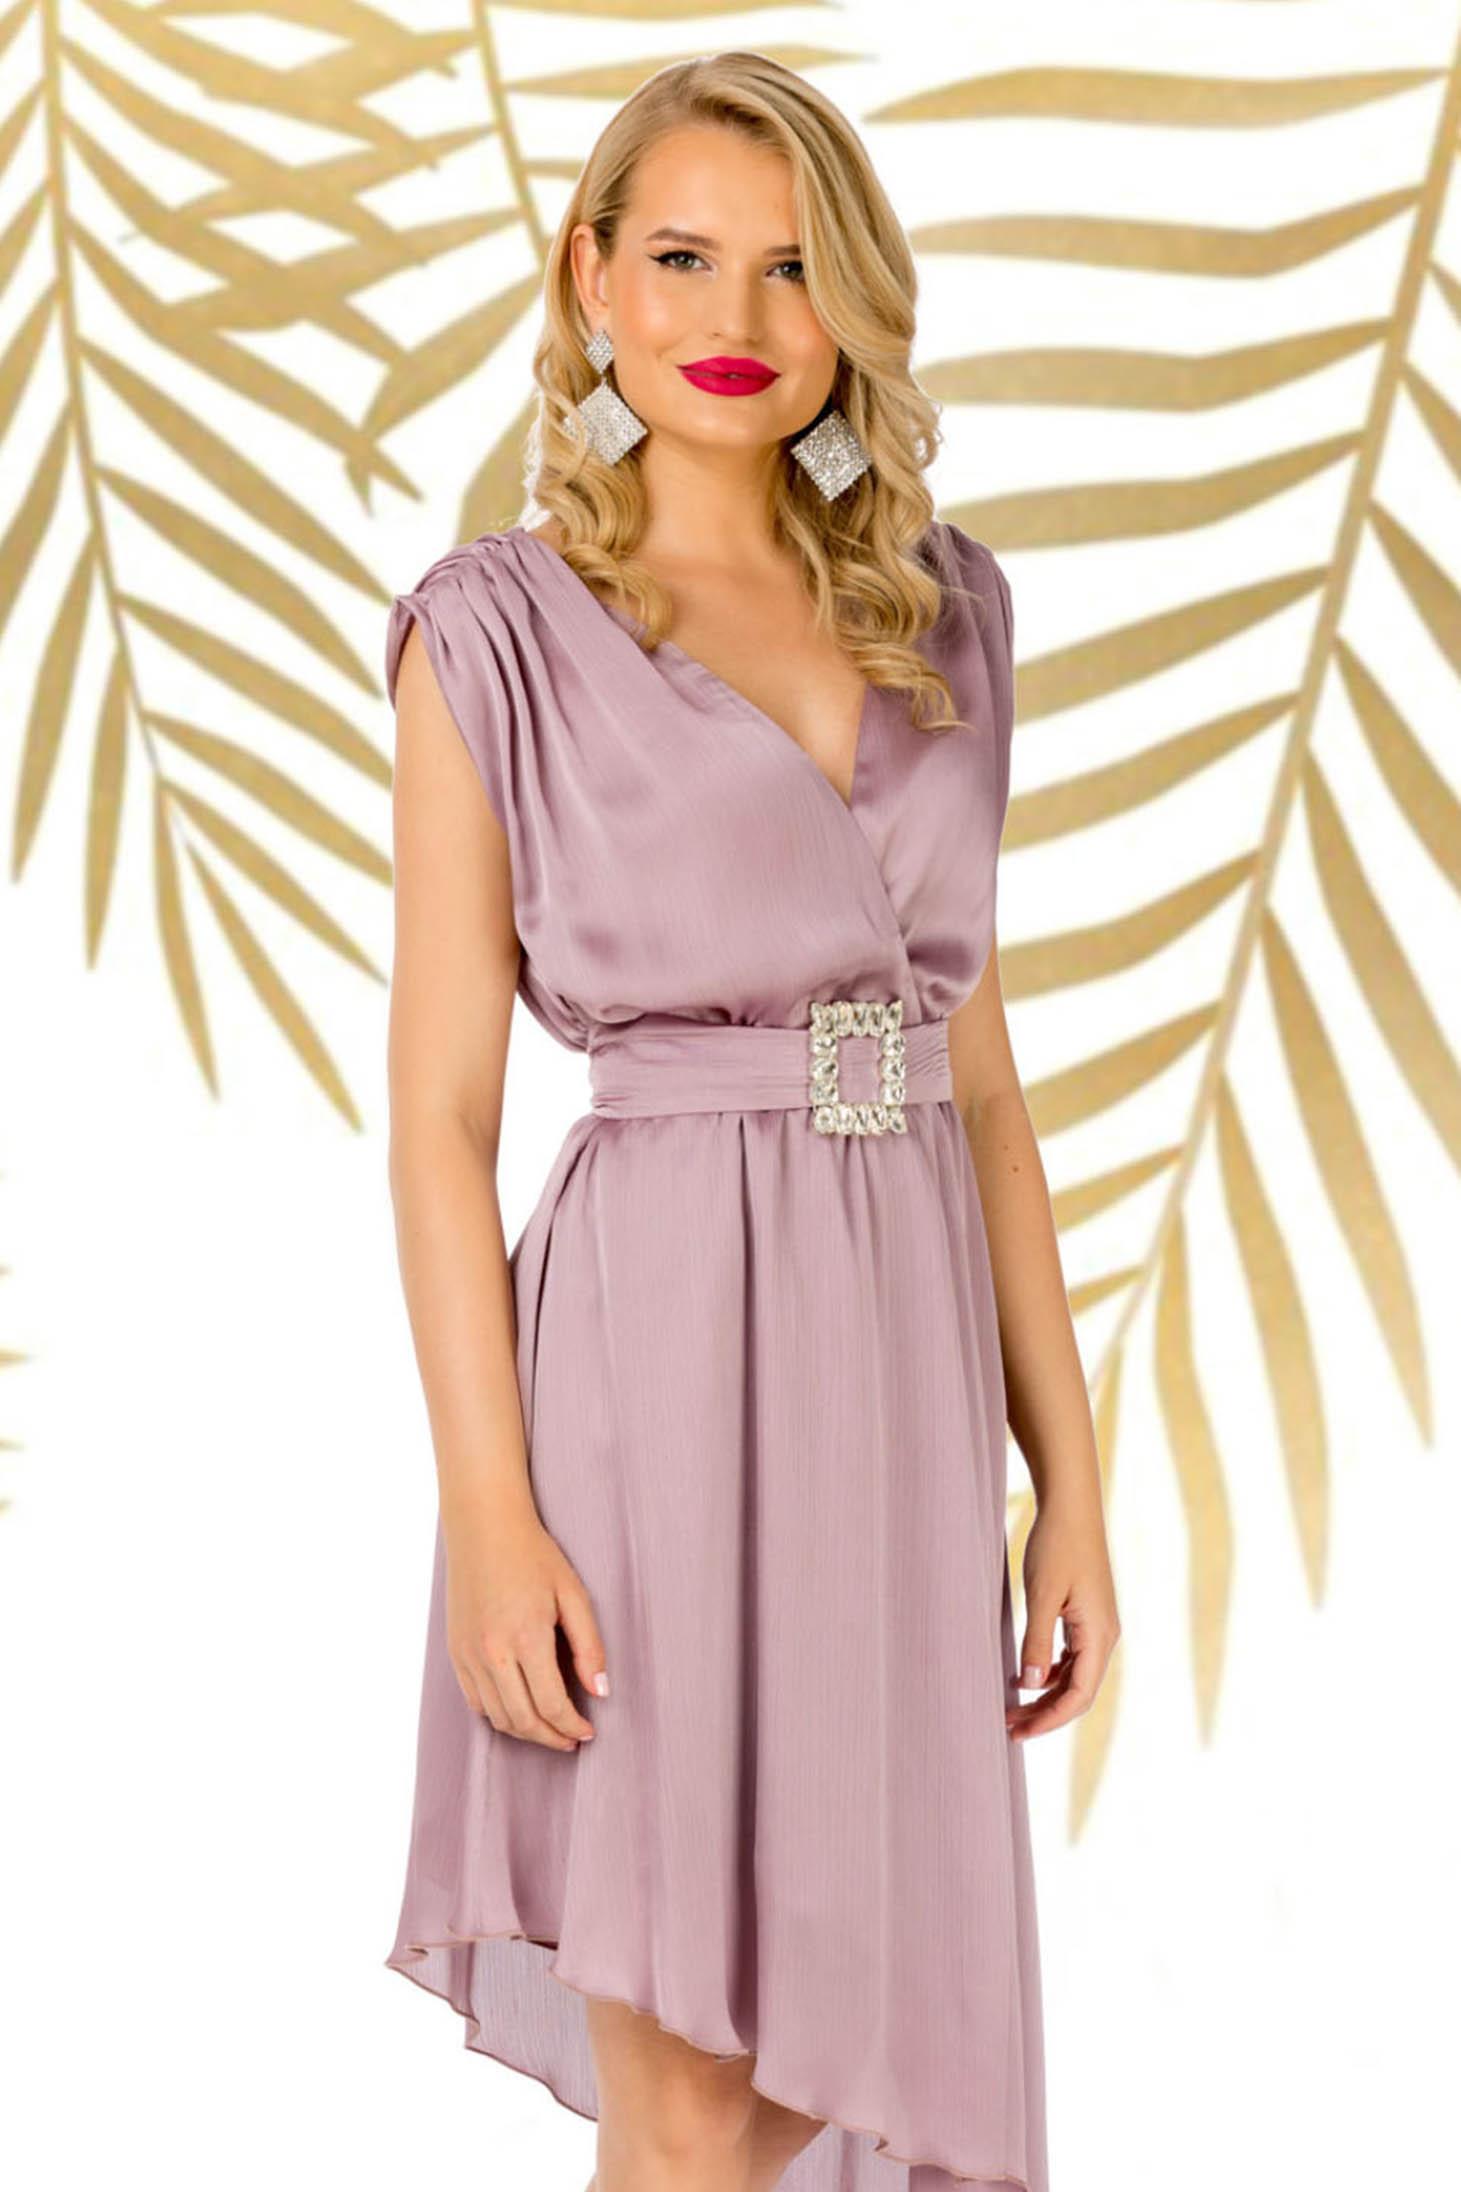 Rochie PrettyGirl roz prafuit eleganta asimetrica in clos cu decolteu in v accesorizata cu cordon